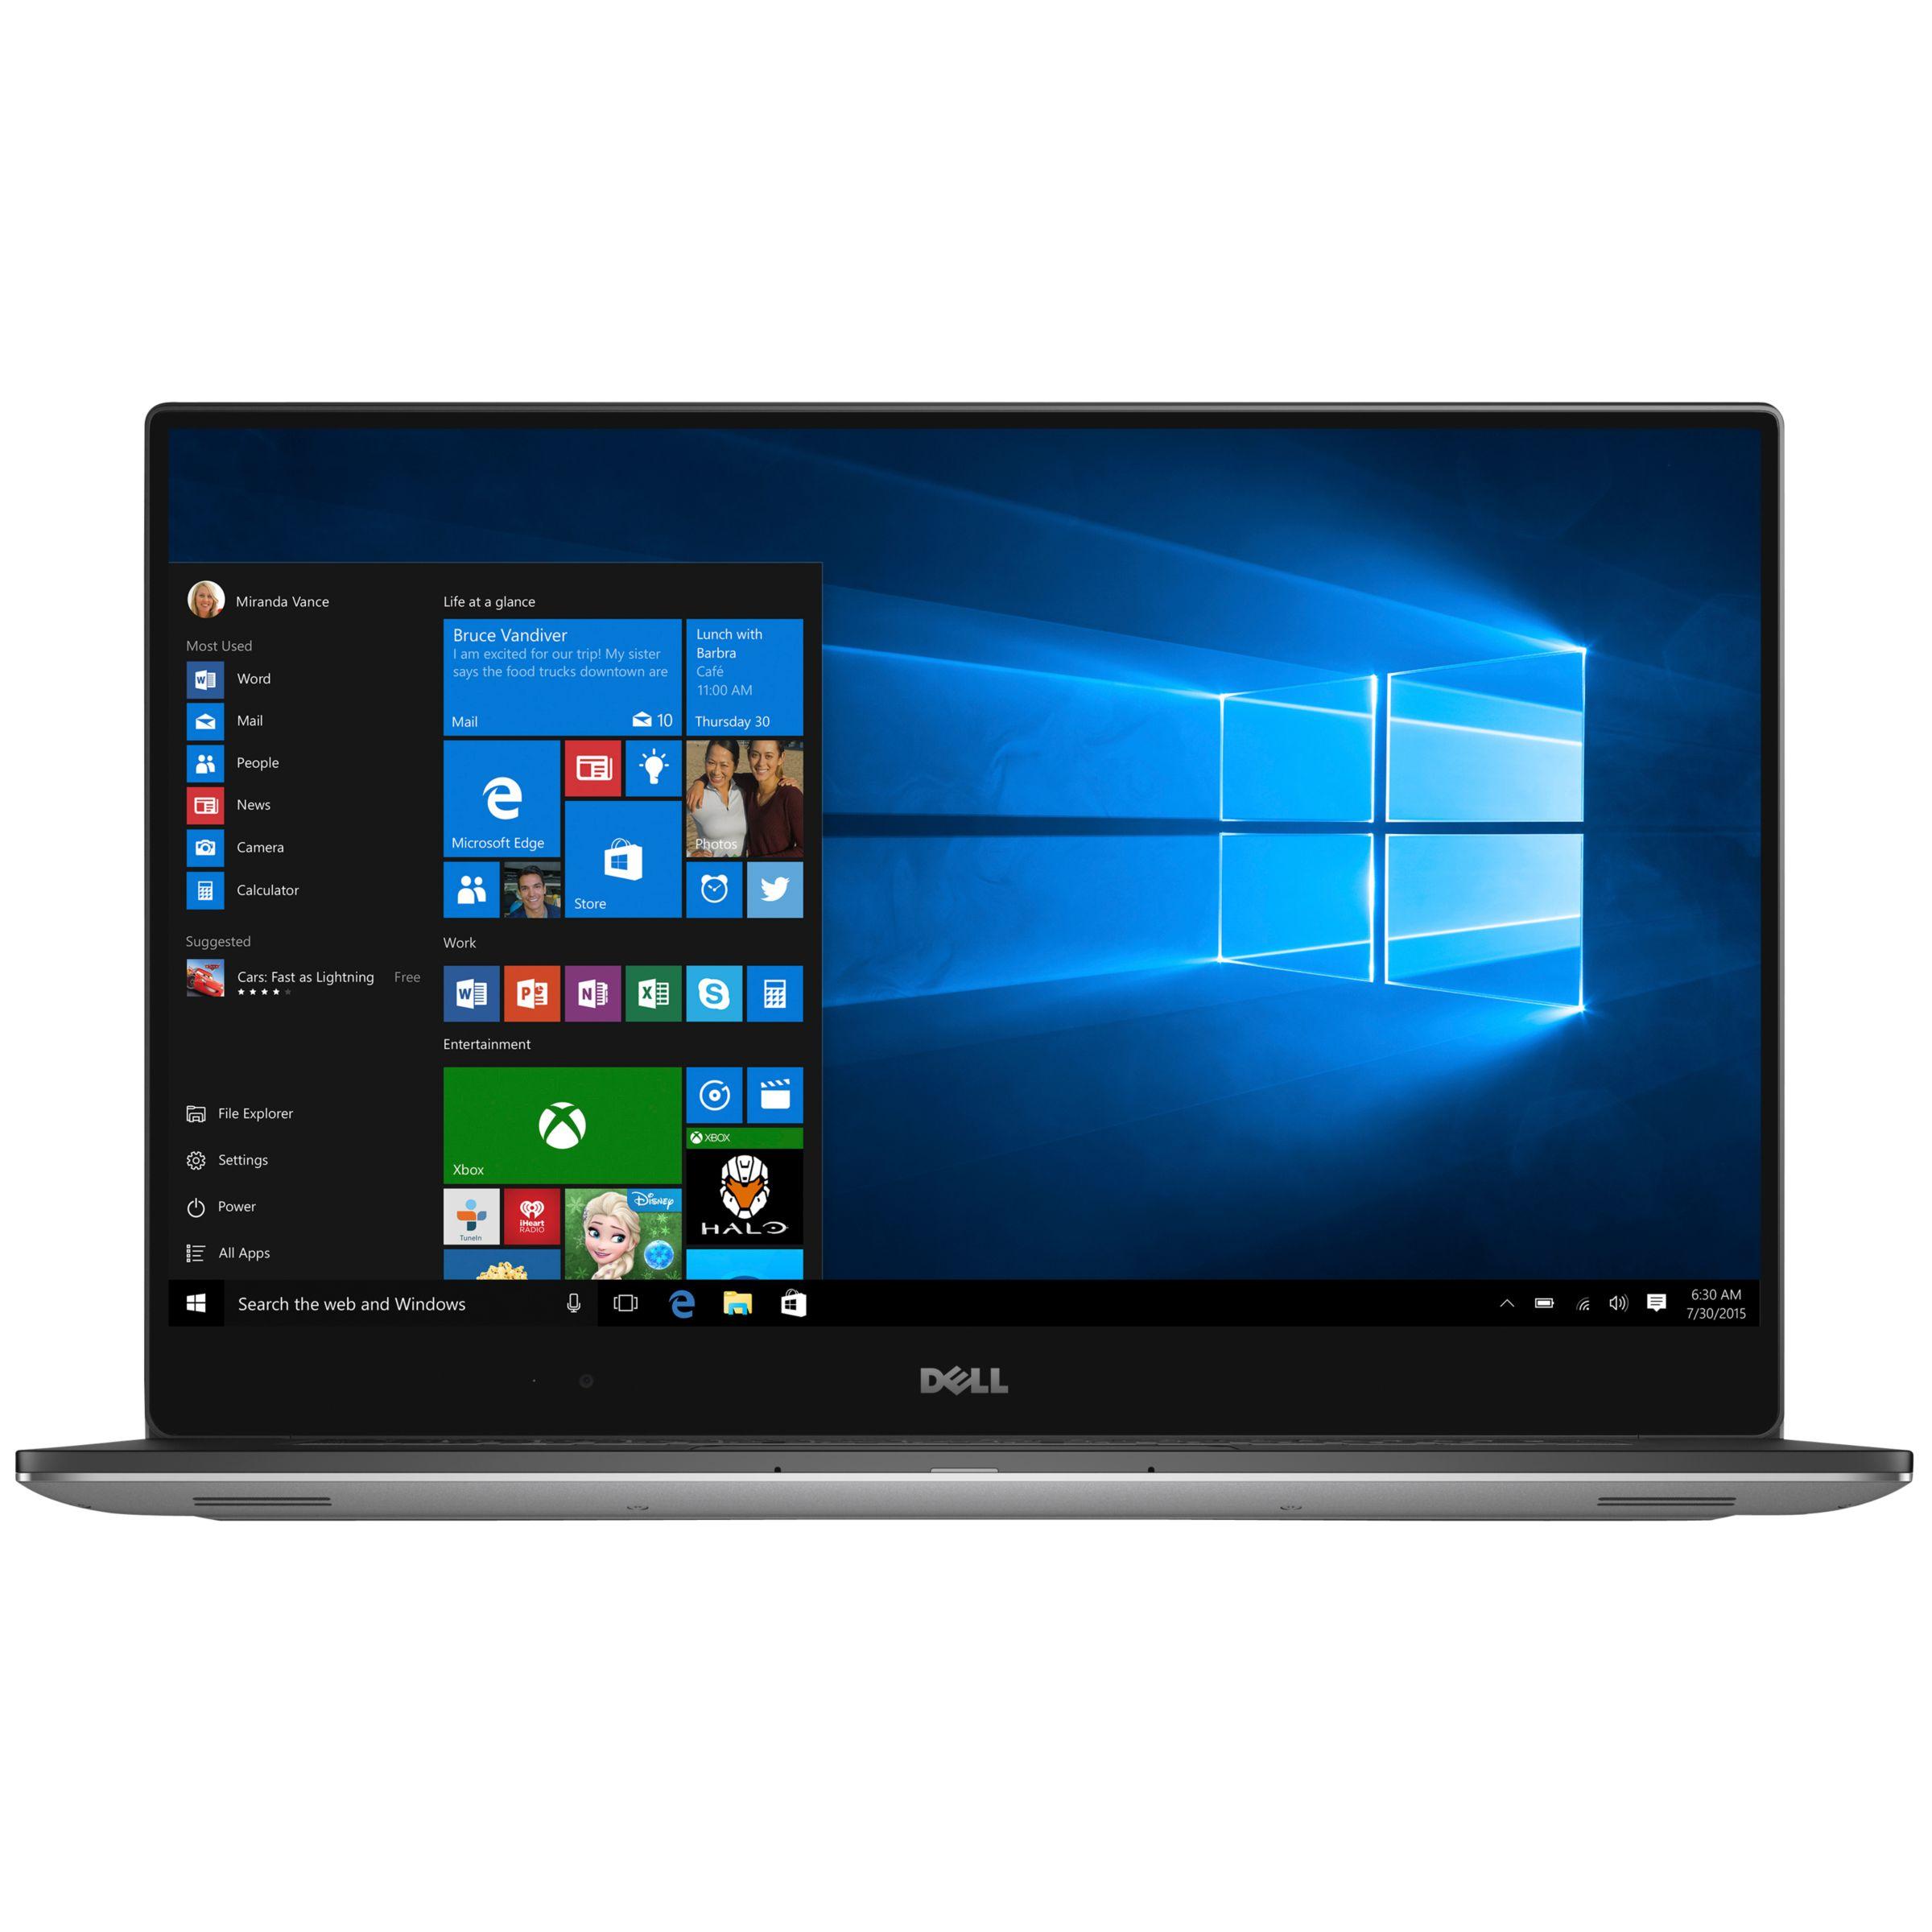 2e8f2b6b847 Dell XPS 15 Laptop, Intel Core i5, 8GB RAM, 1TB HDD + 32GB SSD, 15.6